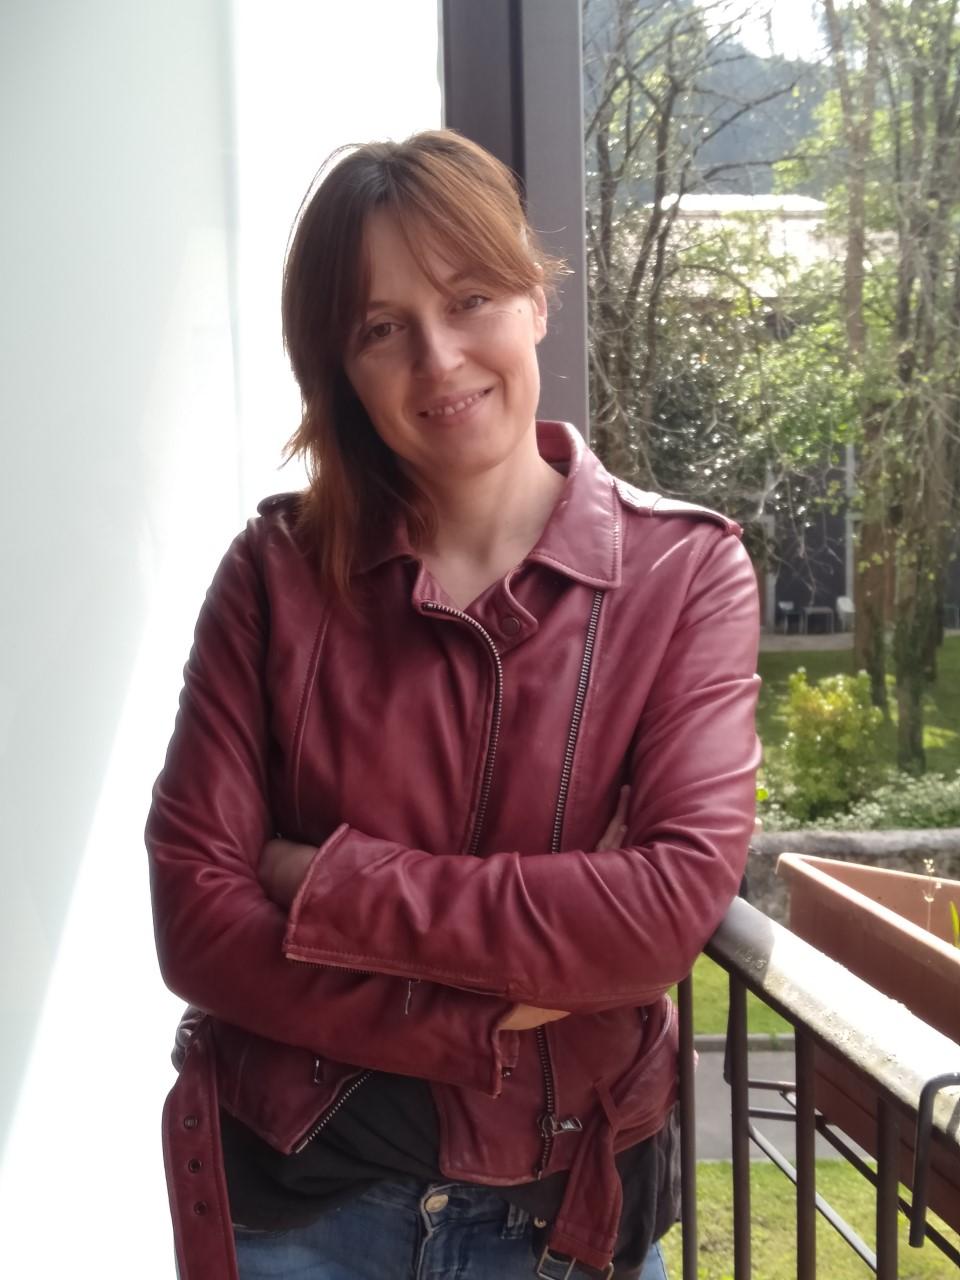 Yolanda Larreategui Duralde